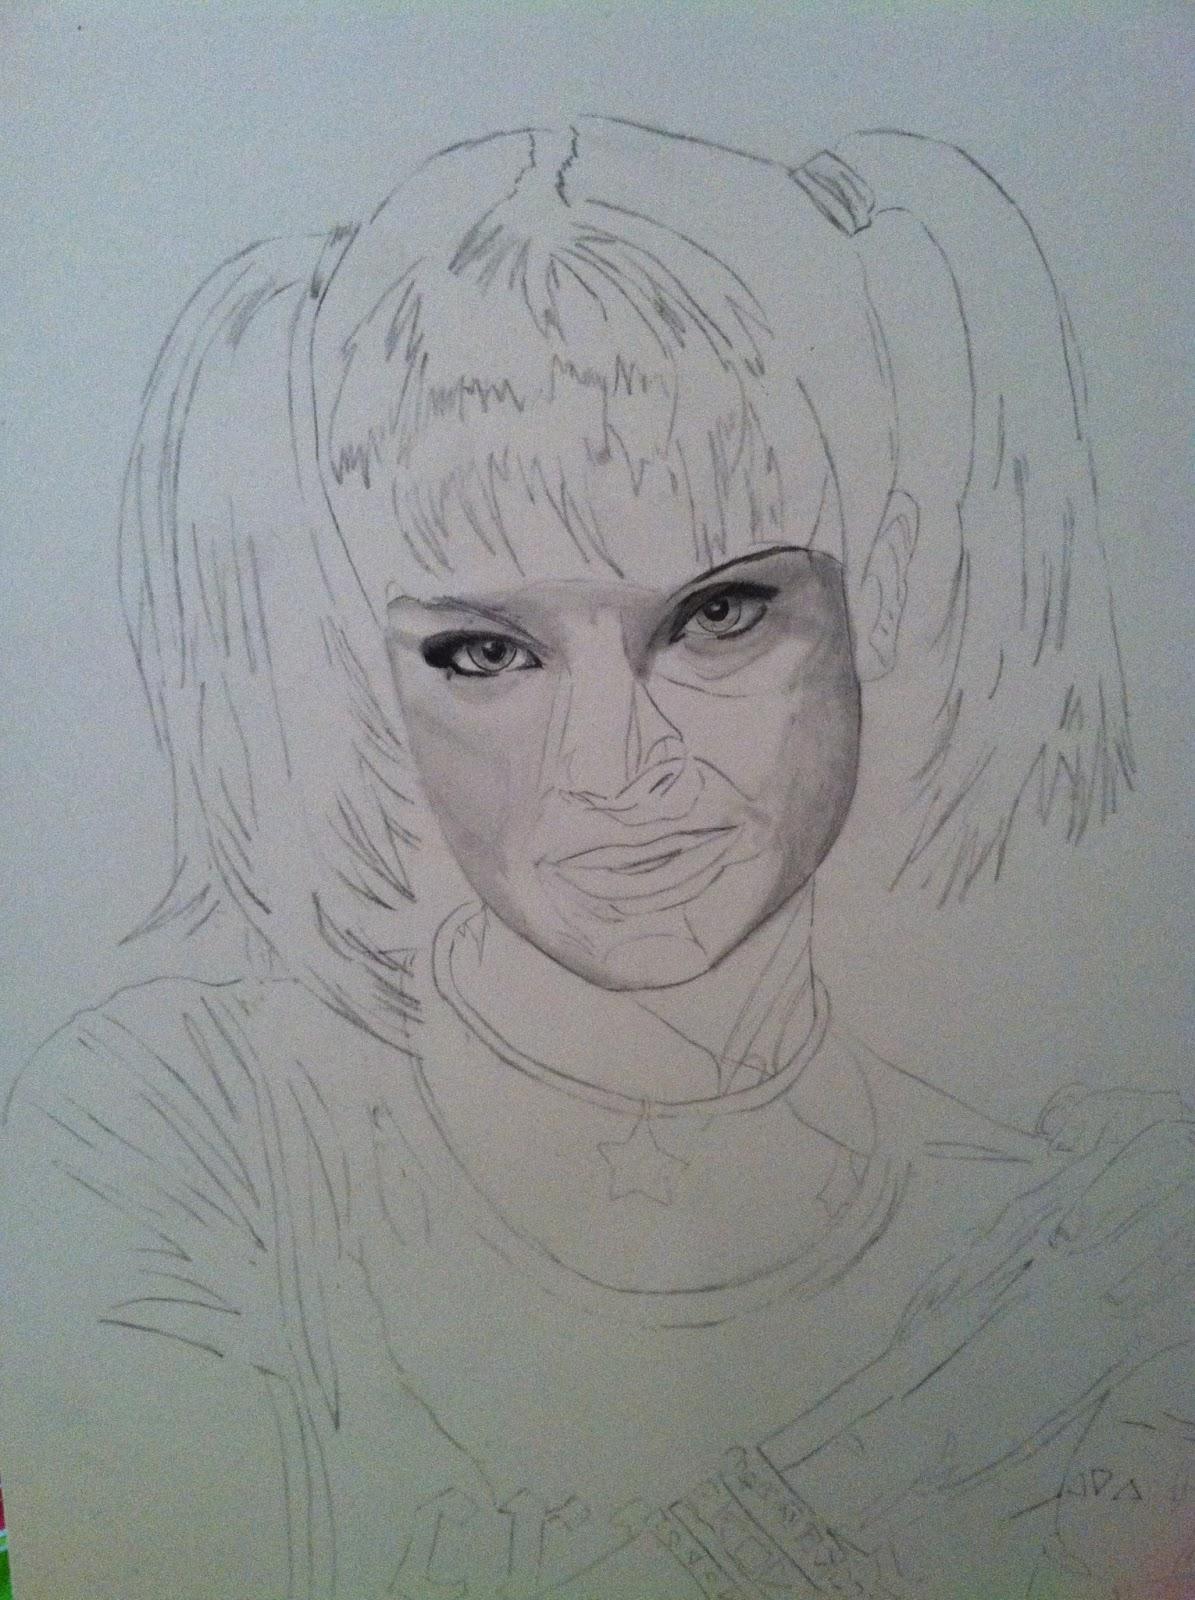 How To Draw Abby From Ncis Drawn By Sara Martinez